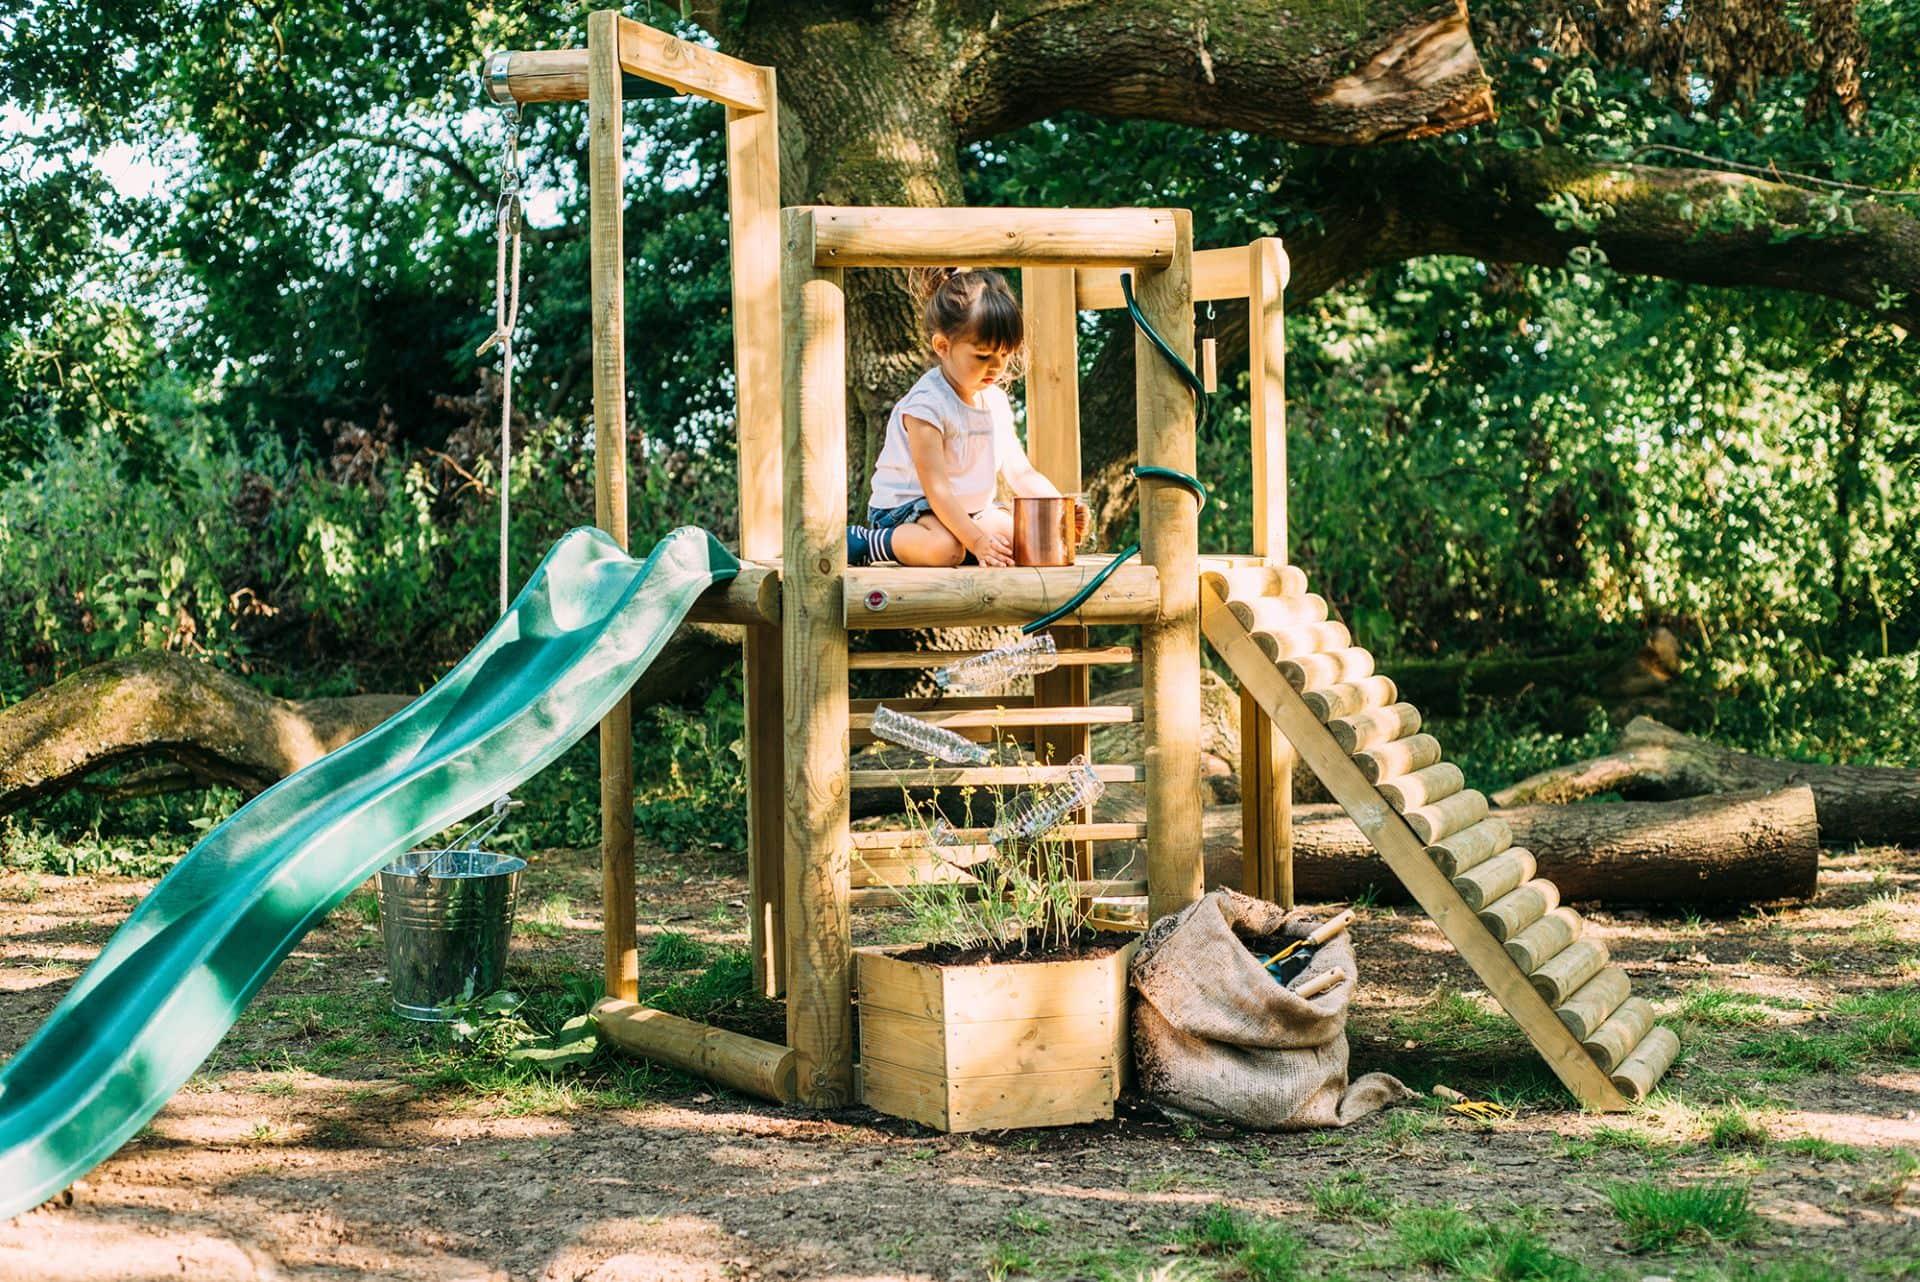 Klettergerüst Für Kleinkinder : Klettergerüste & spielgeräte einfach online kaufen mifus.de